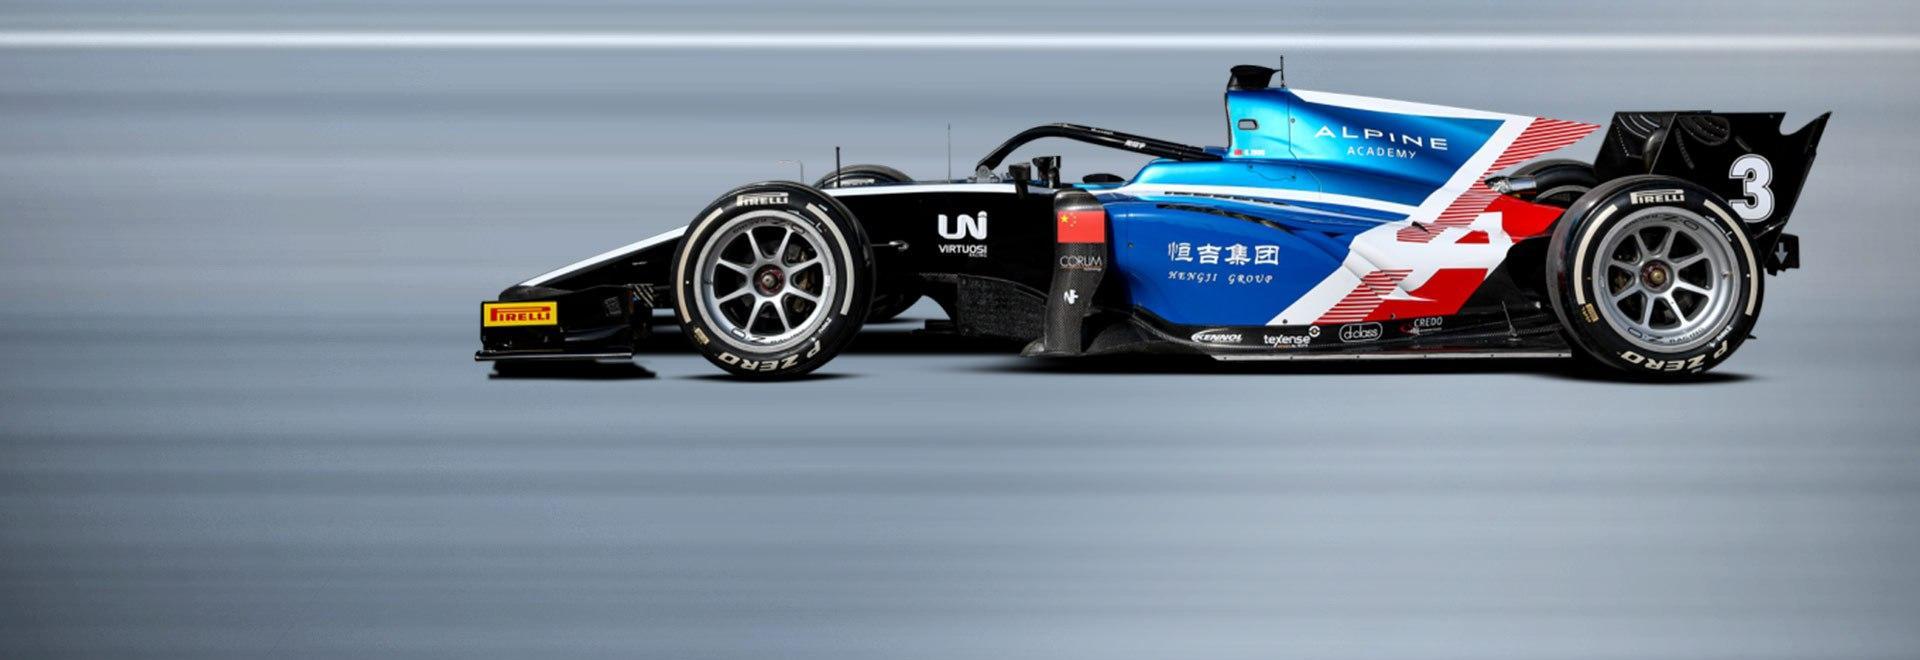 GP Monaco. Sprint Race 2